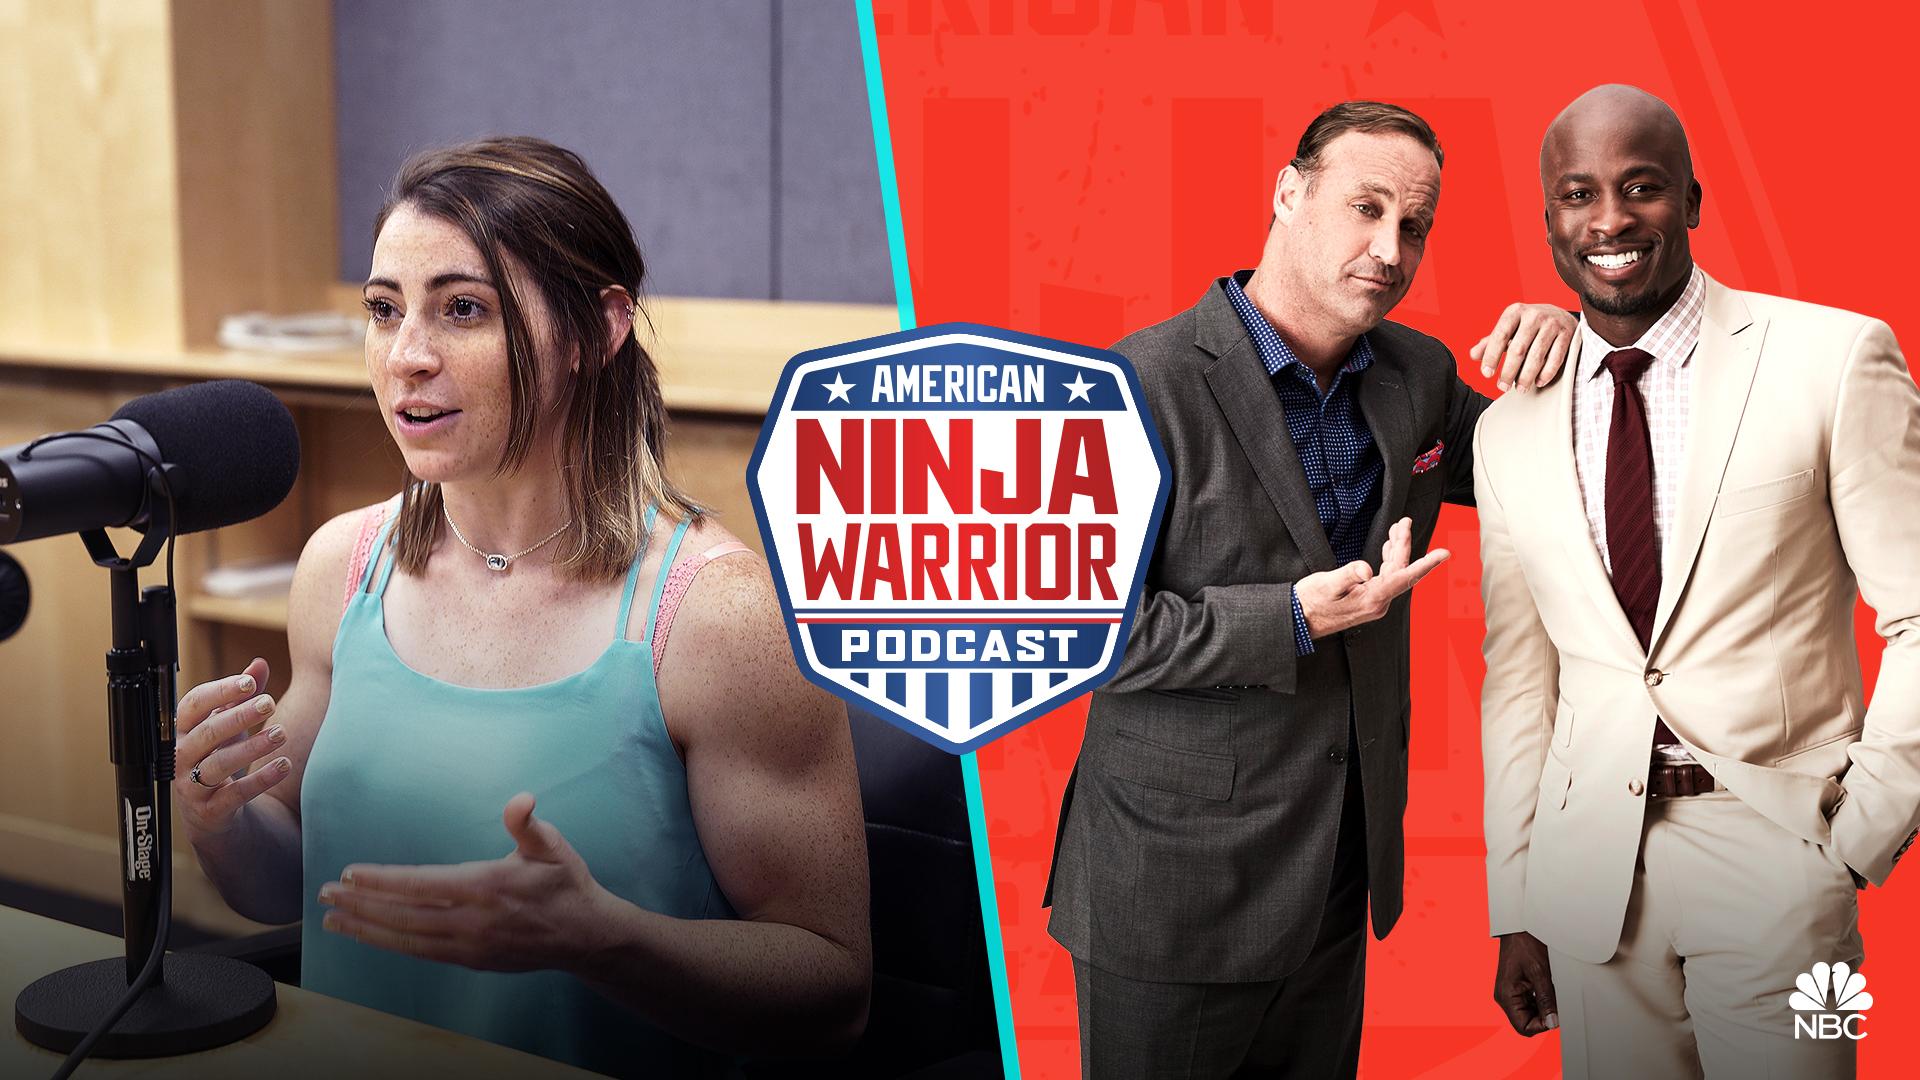 594d5d41 https://www.nbc.com/american-ninja-warrior/video/kevin-bull-los ...